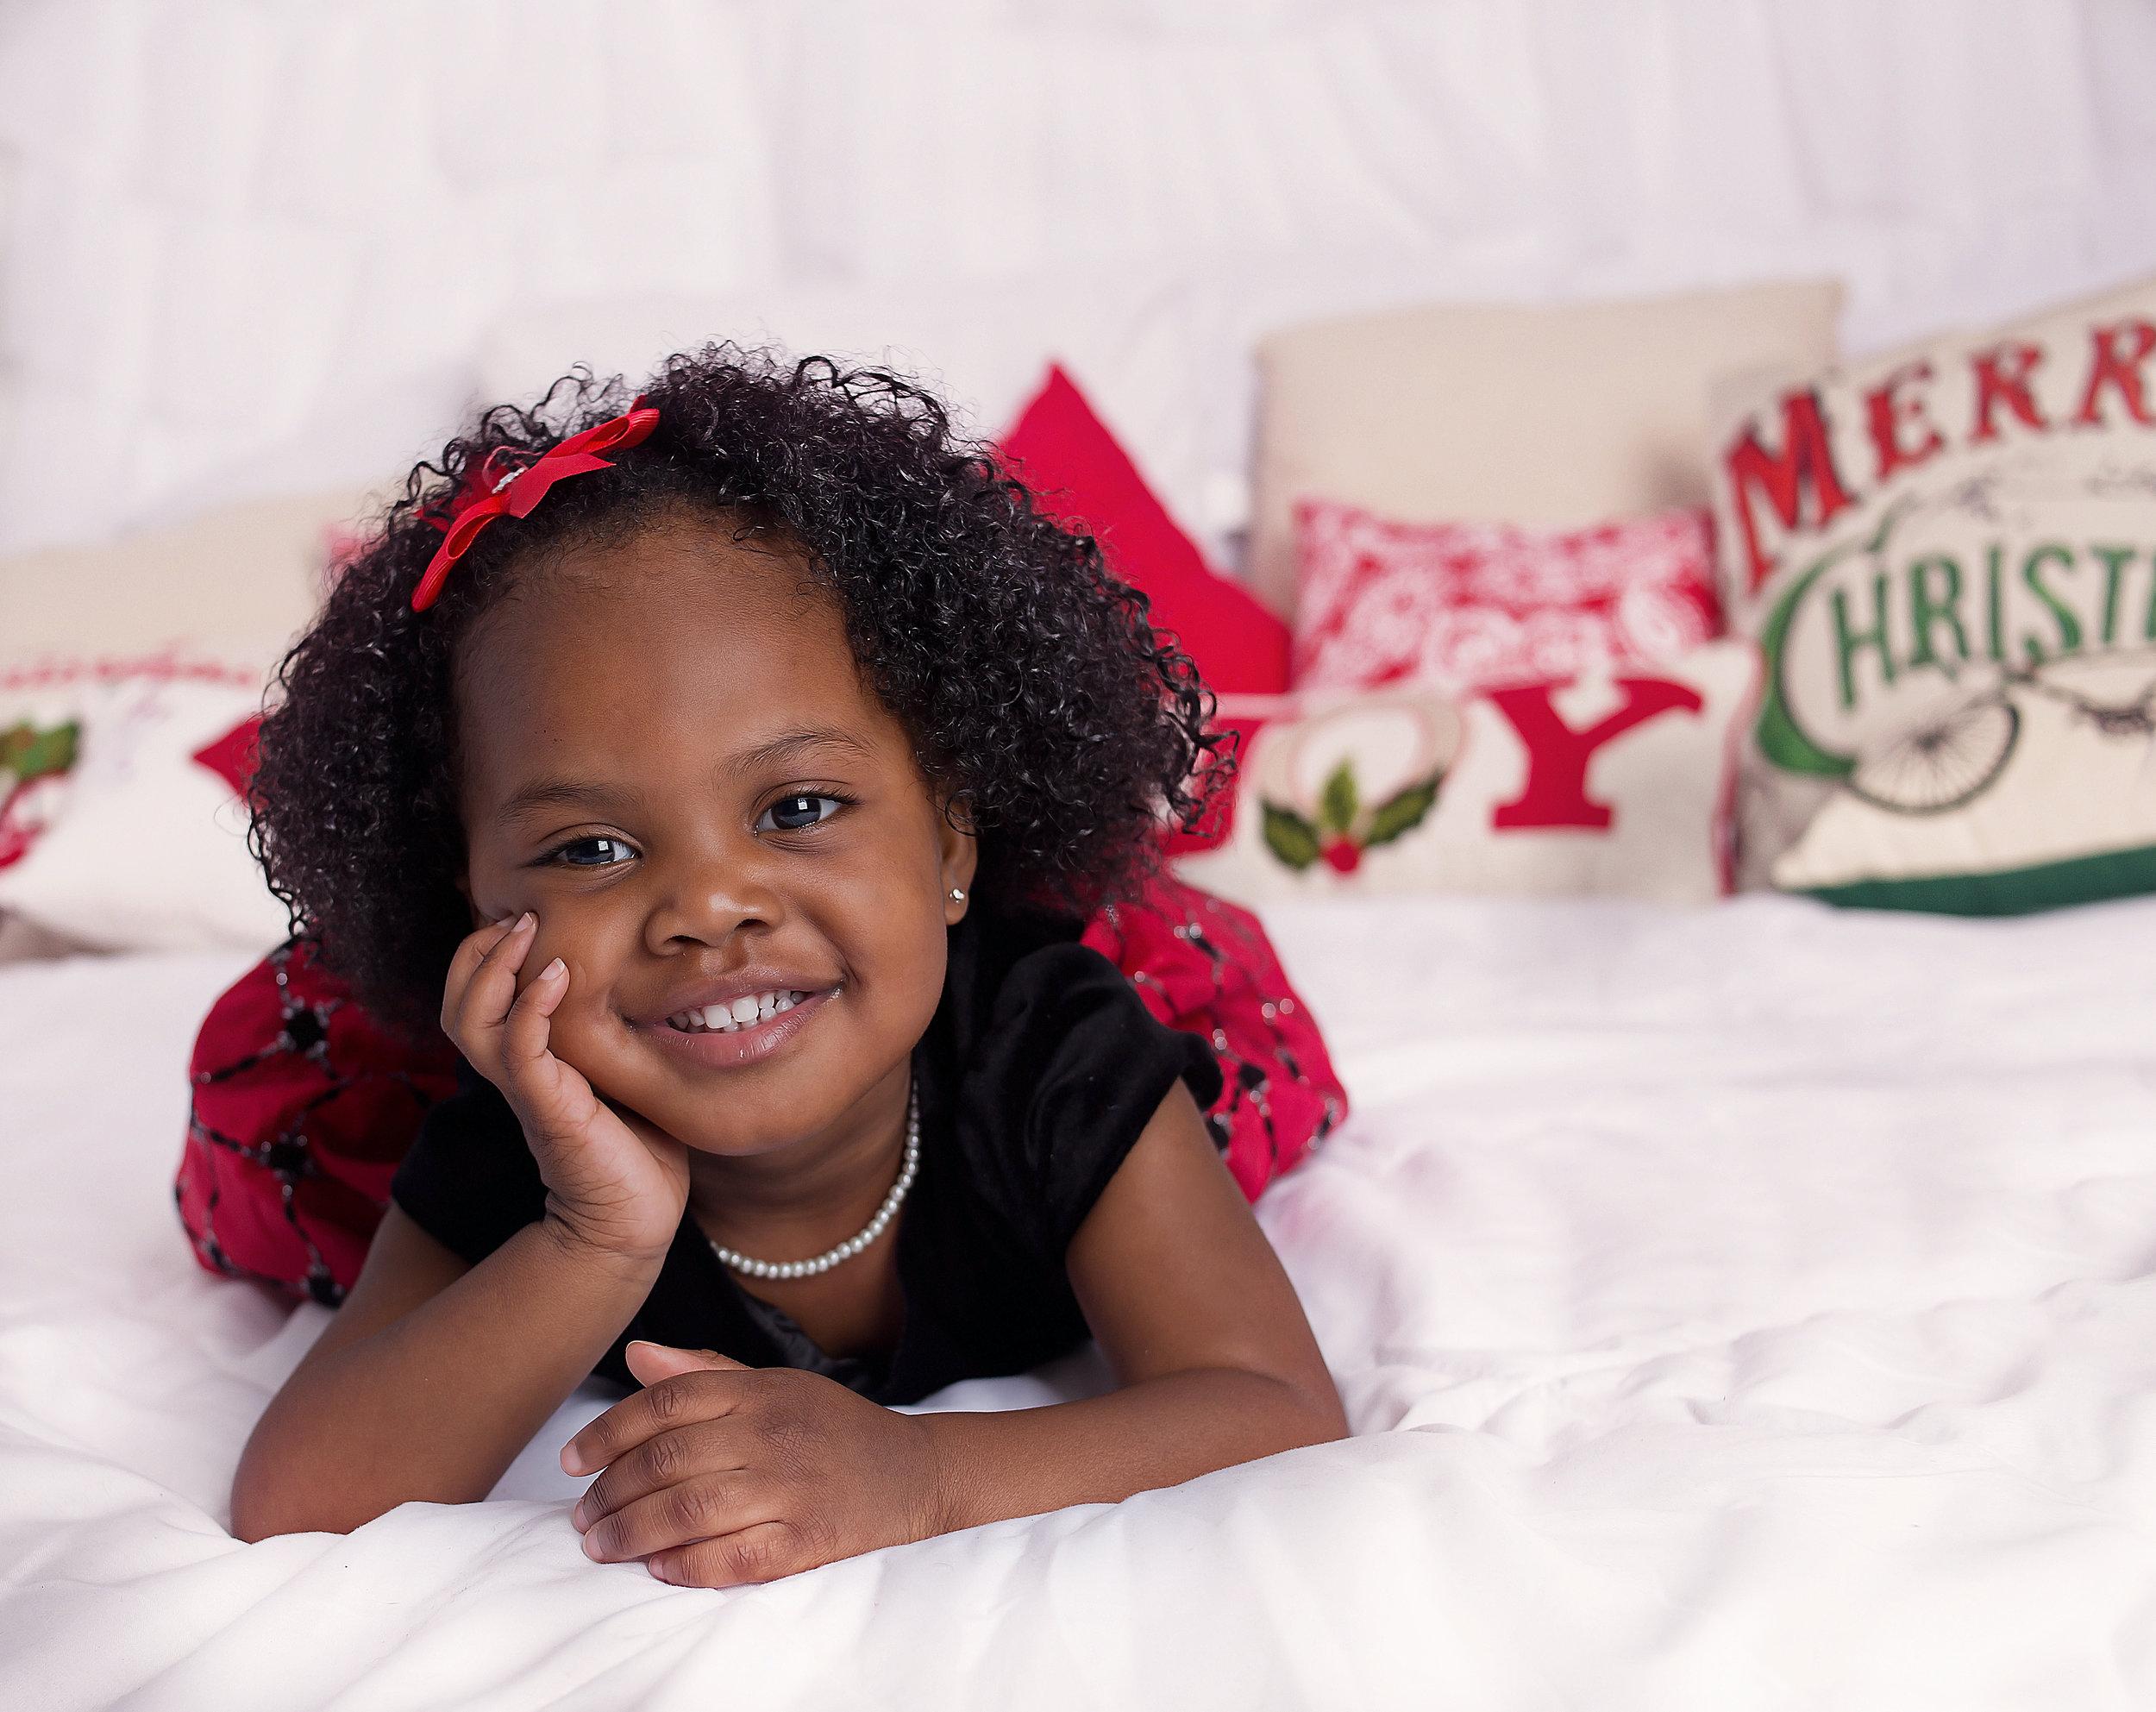 children's photographer in bradenton fl.jpg